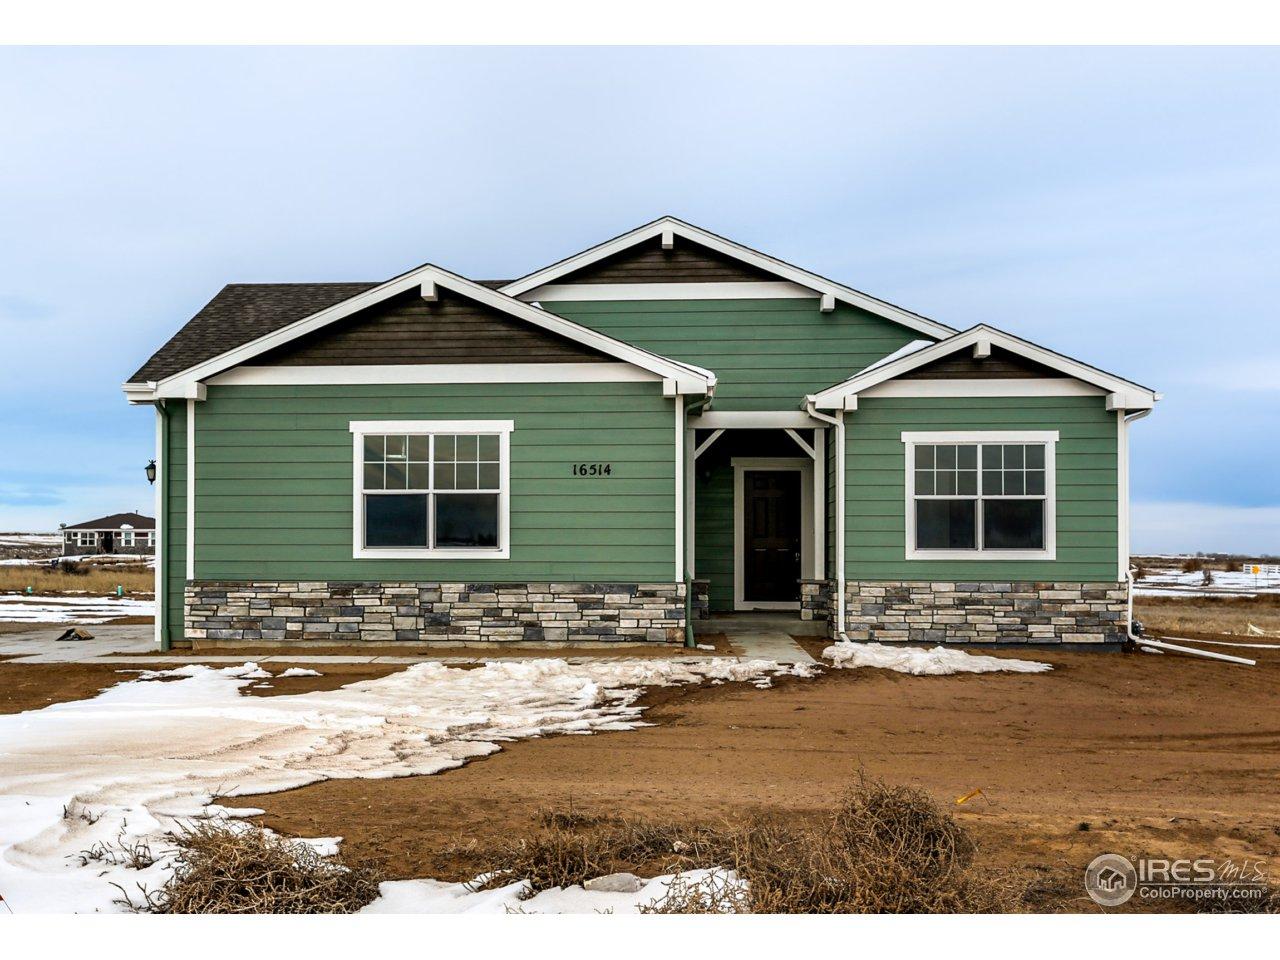 16514 Fairbanks Ct N, Platteville CO 80651